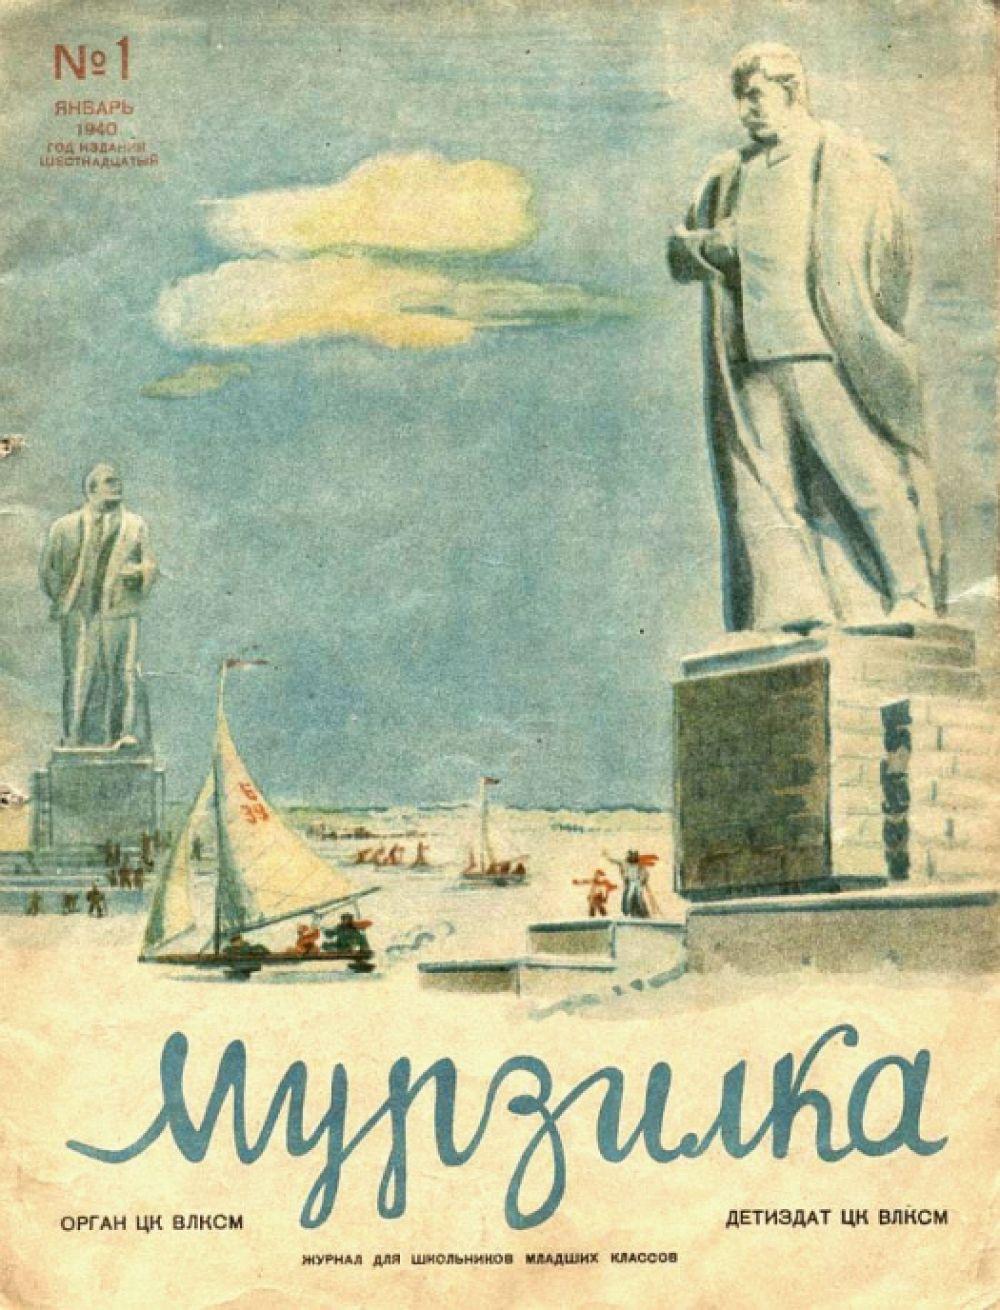 Журнал «Мурзилка», январь 1940 года. Этот ежемесячный детский литературно-художественный журнал издаётся с 16 мая 1924 года, после чего были выпущены четыре мультфильма о Мурзилке.